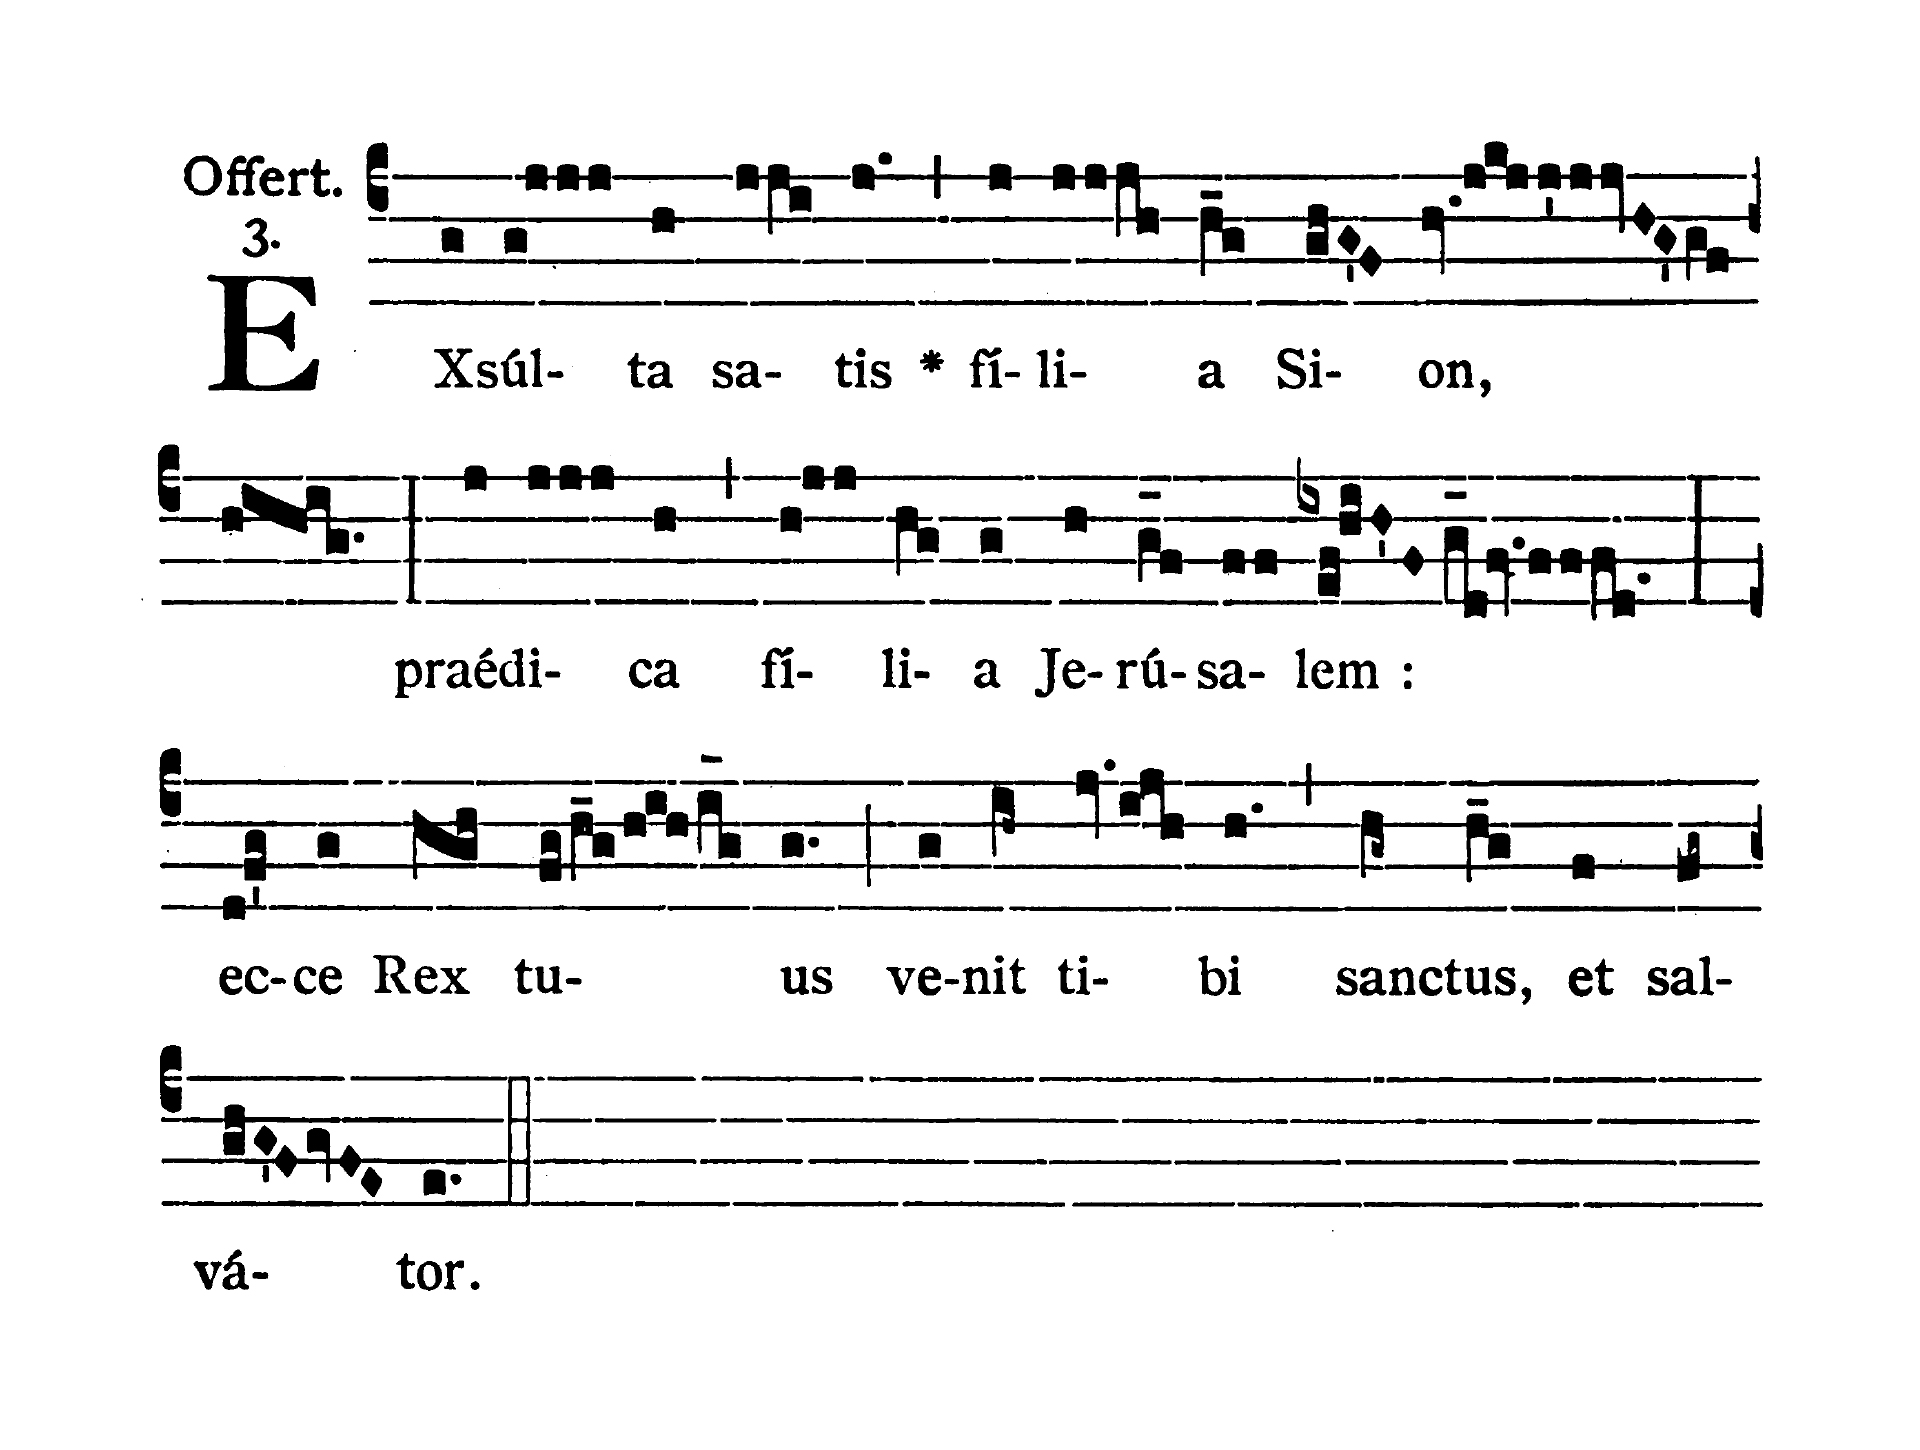 Sabbato Quatuor Temporum Adventus (Ember Saturday of Advent) - Offertorium (Exsulta satis)